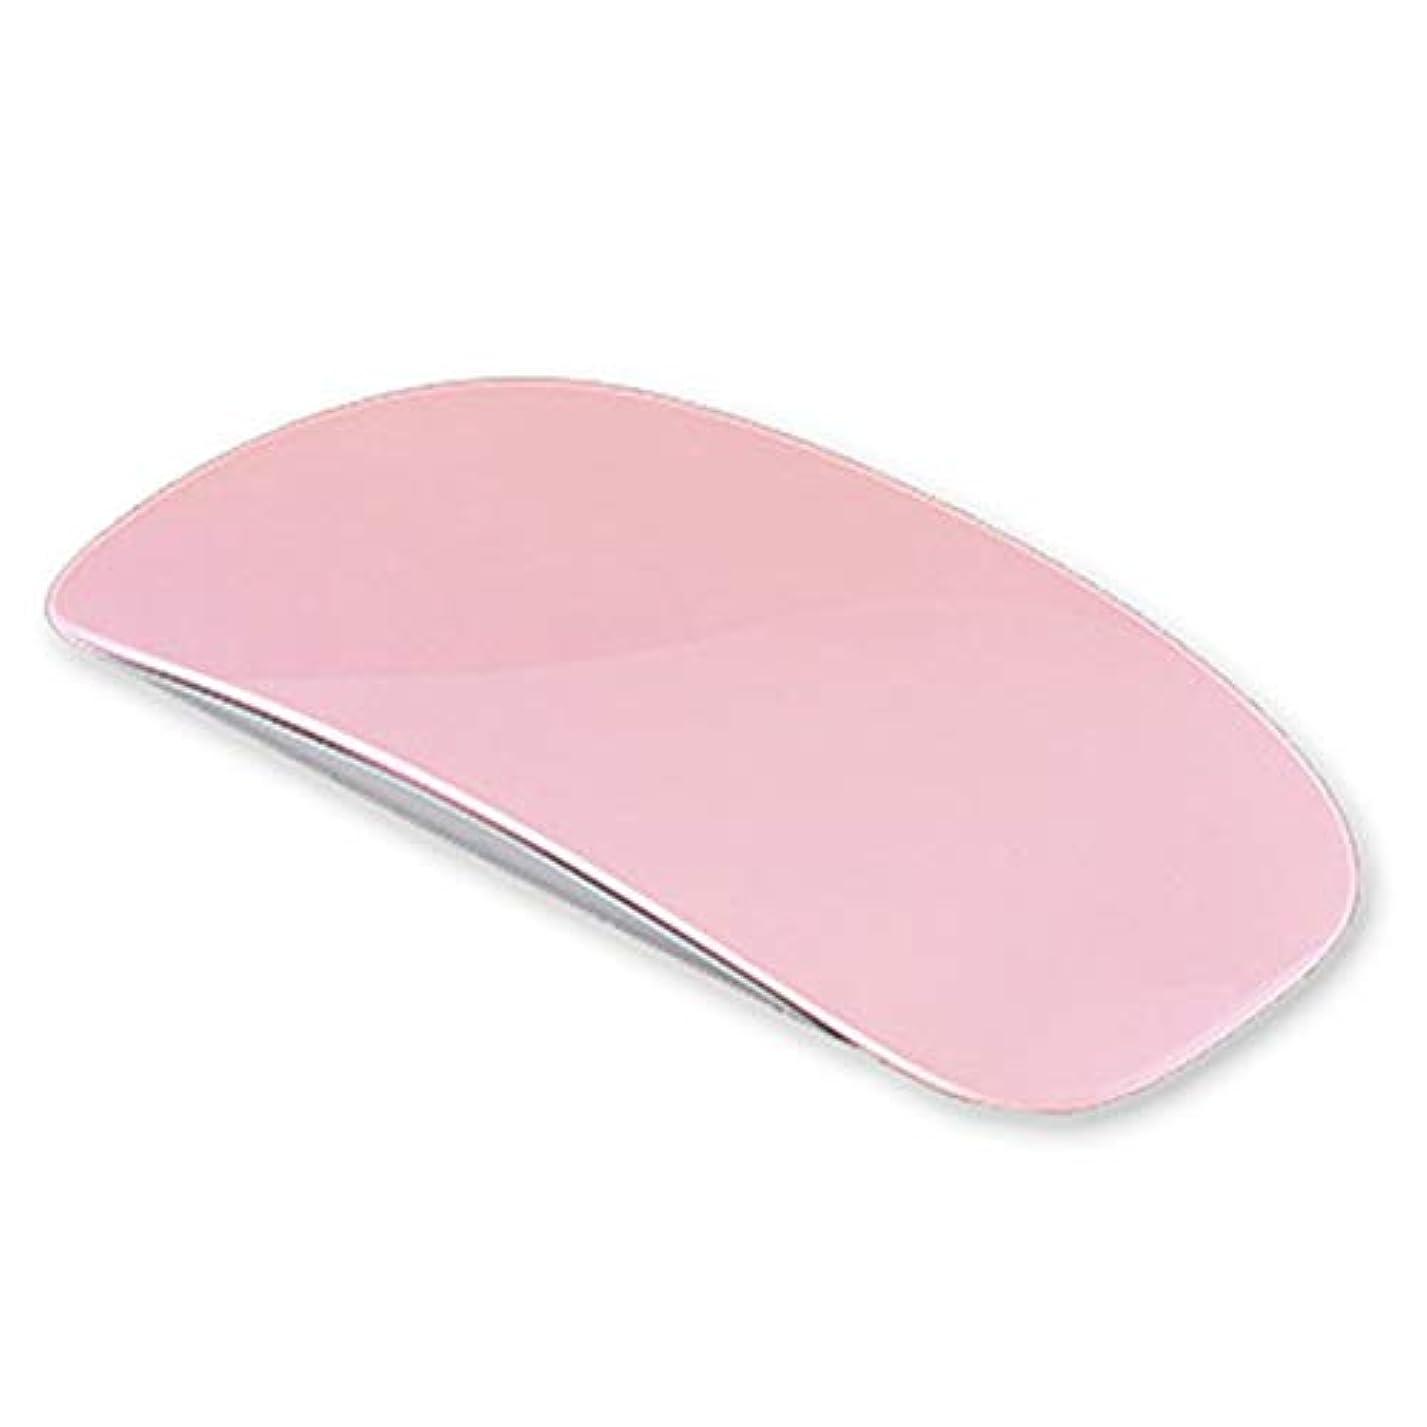 予測子カードベールネイルドライヤー UV/LEDライト硬化用ライトUSB式 マウス形 折りたたみ式 ミニ携帯便利(ピンク)